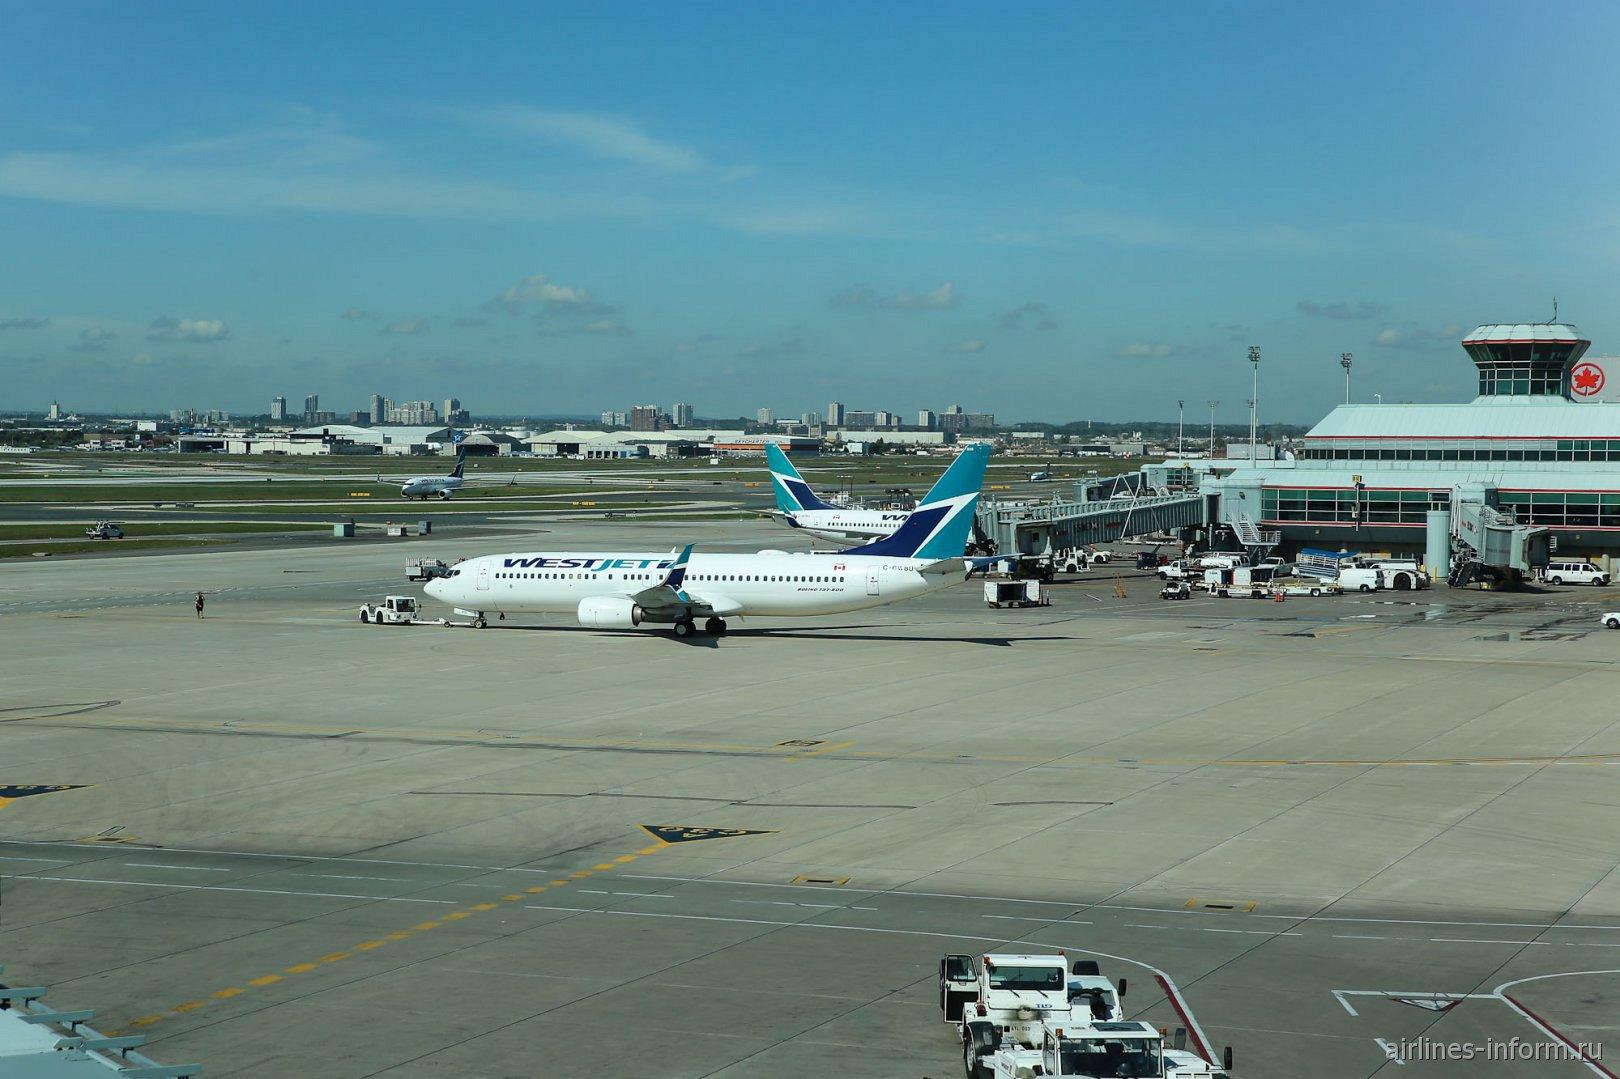 Летное поле у Терминала 3 аэропорта Торонто Пирсон